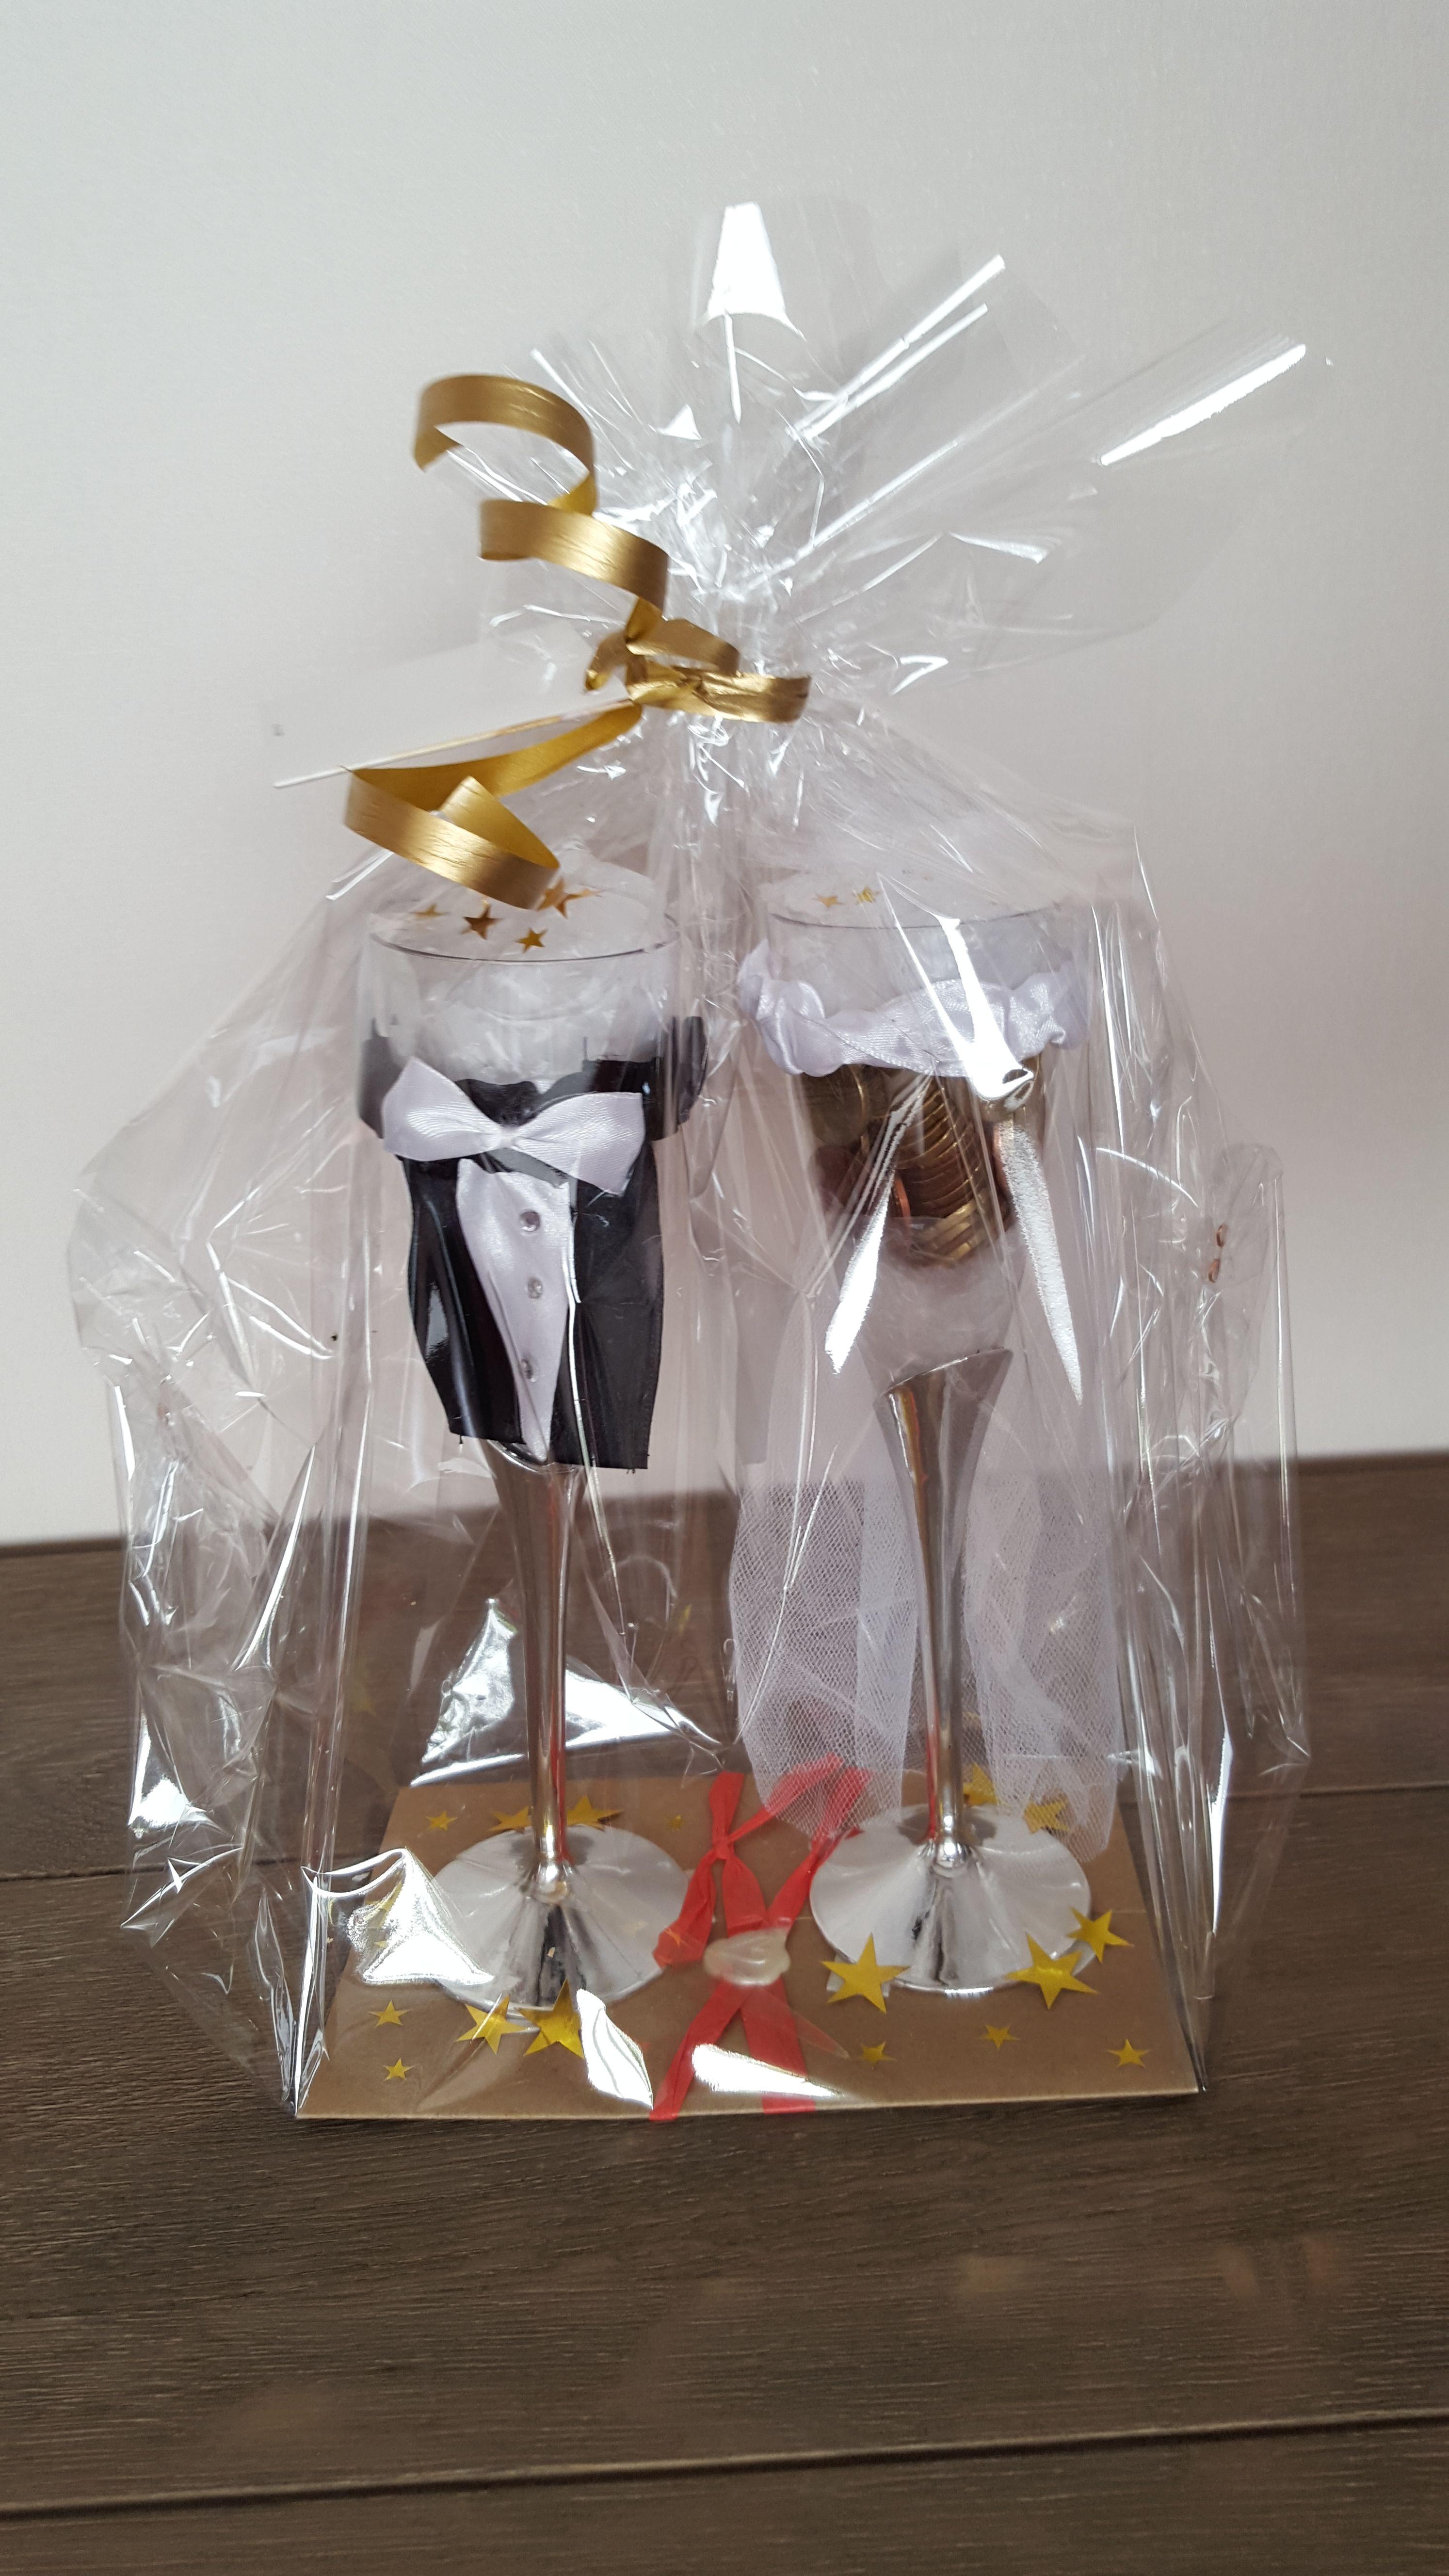 Beste Champagneglazen van de Action aangekleed als bruid en bruidegom QV-54